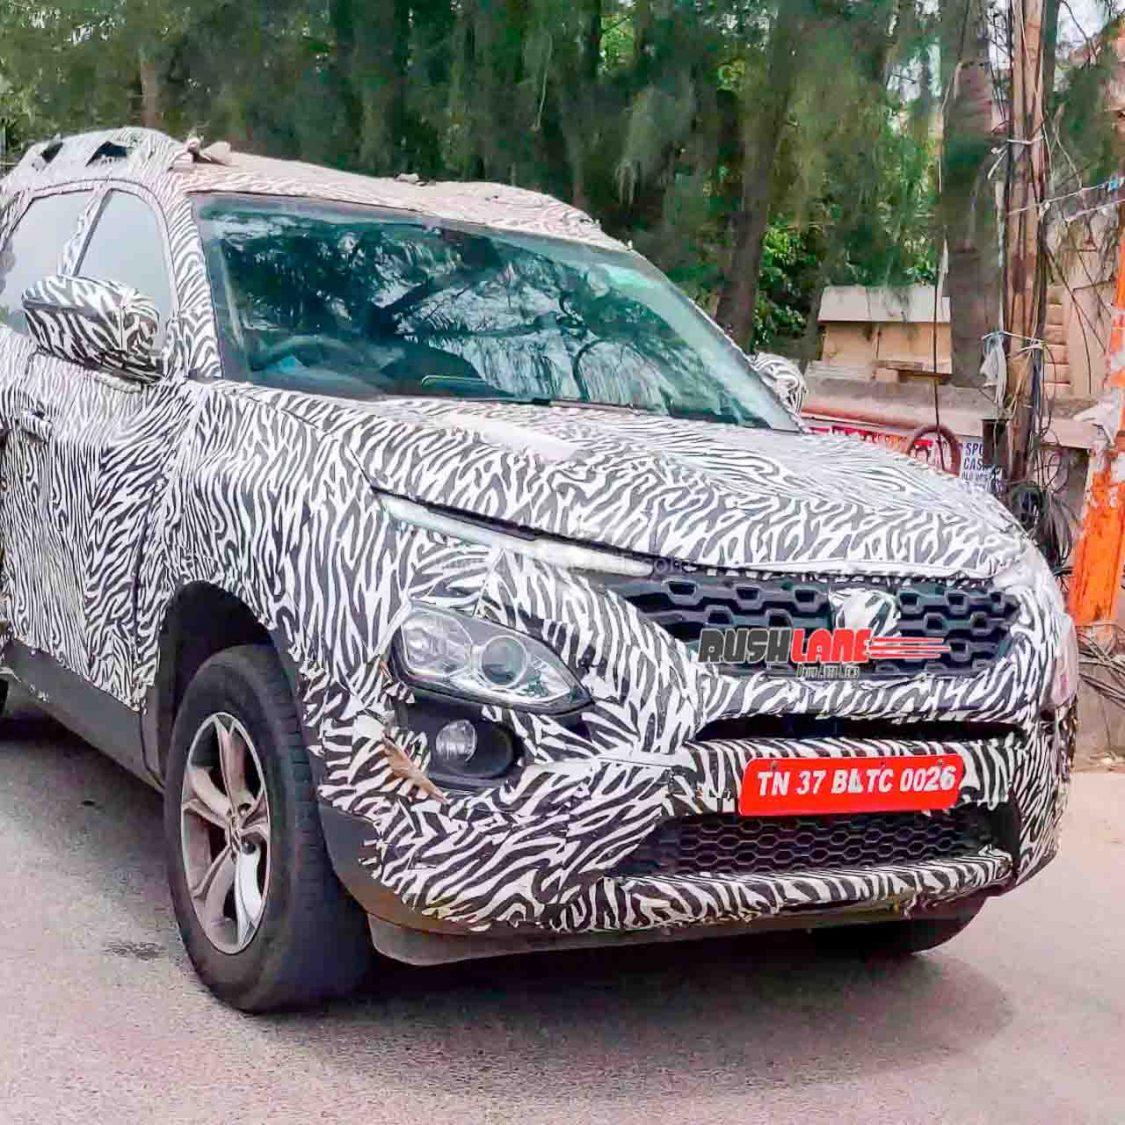 Tata Gravitas SUV spied in Coimbatore